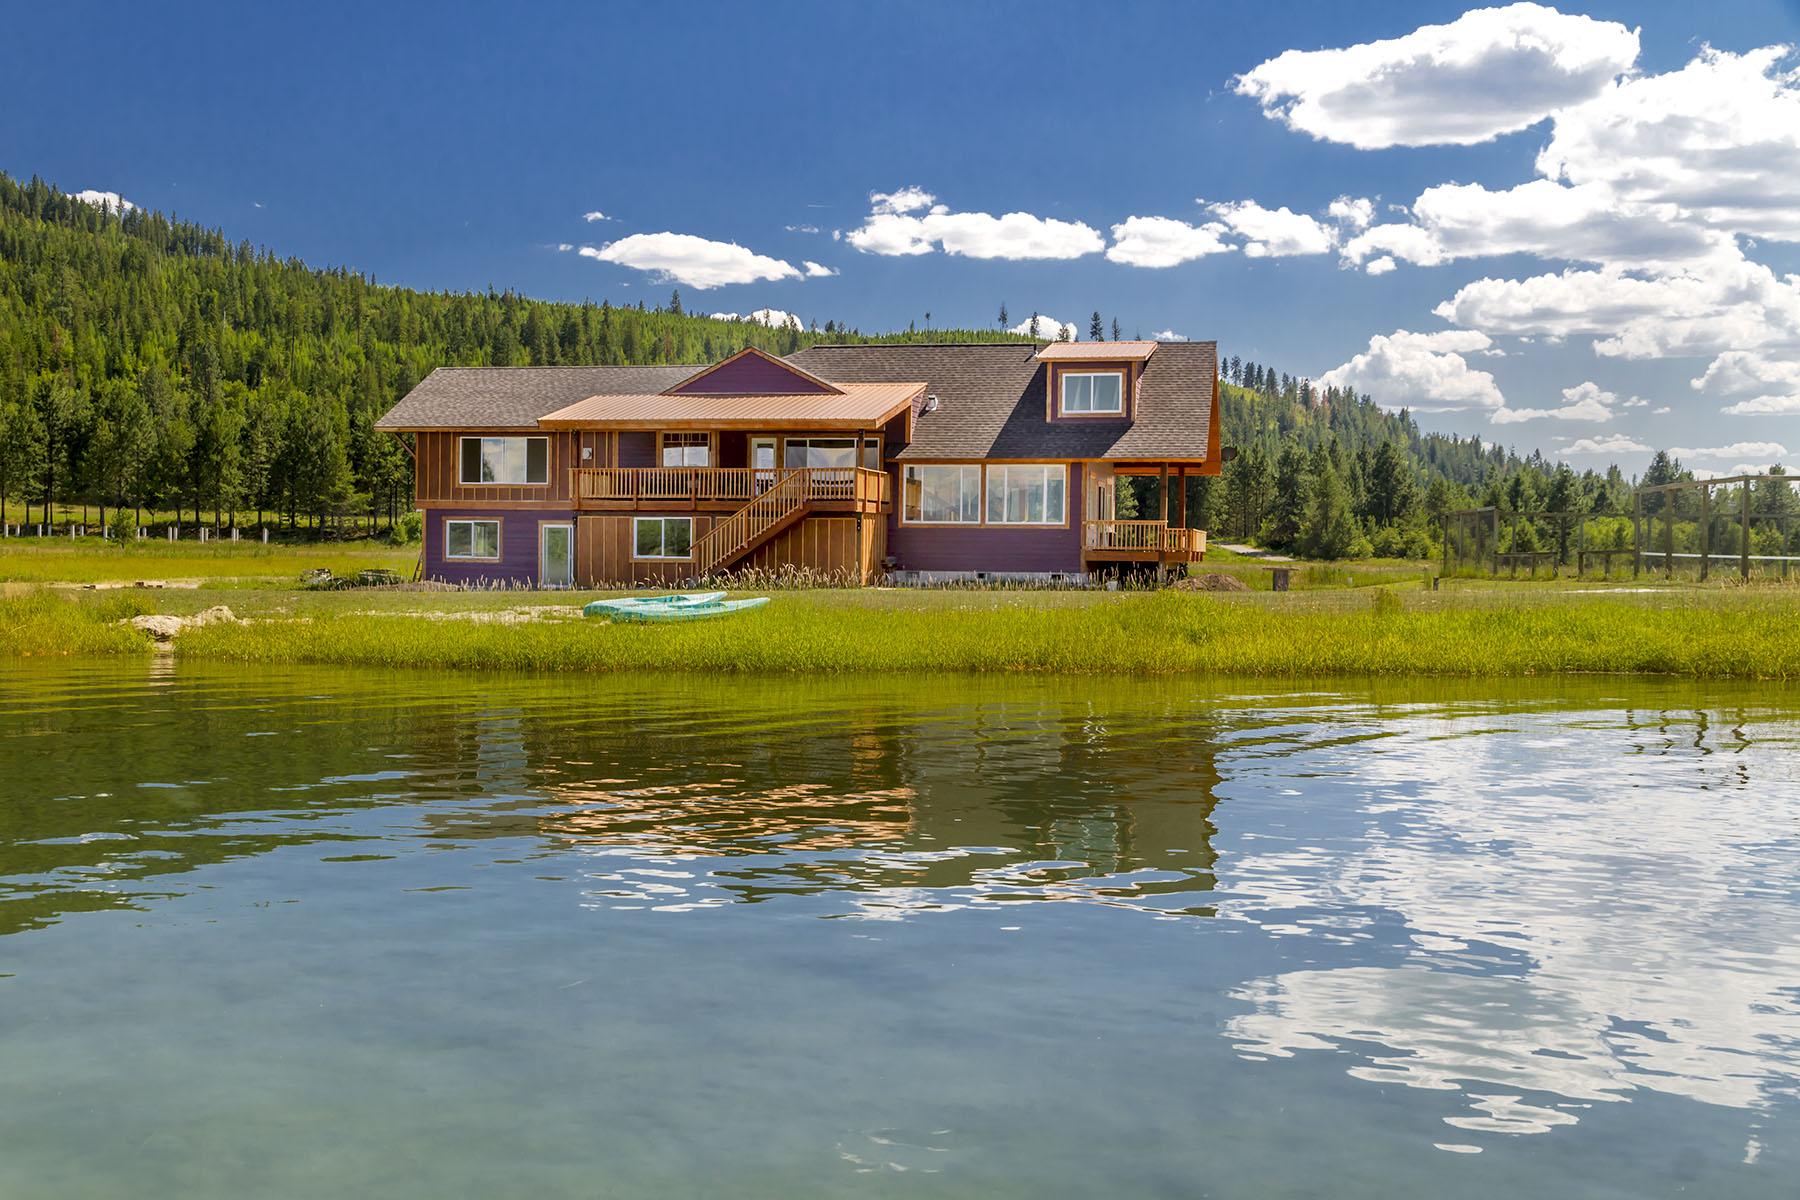 Casa Unifamiliar por un Venta en 366 Swan's Landing 366 Swans Landing Sagle, Idaho, 83860 Estados Unidos